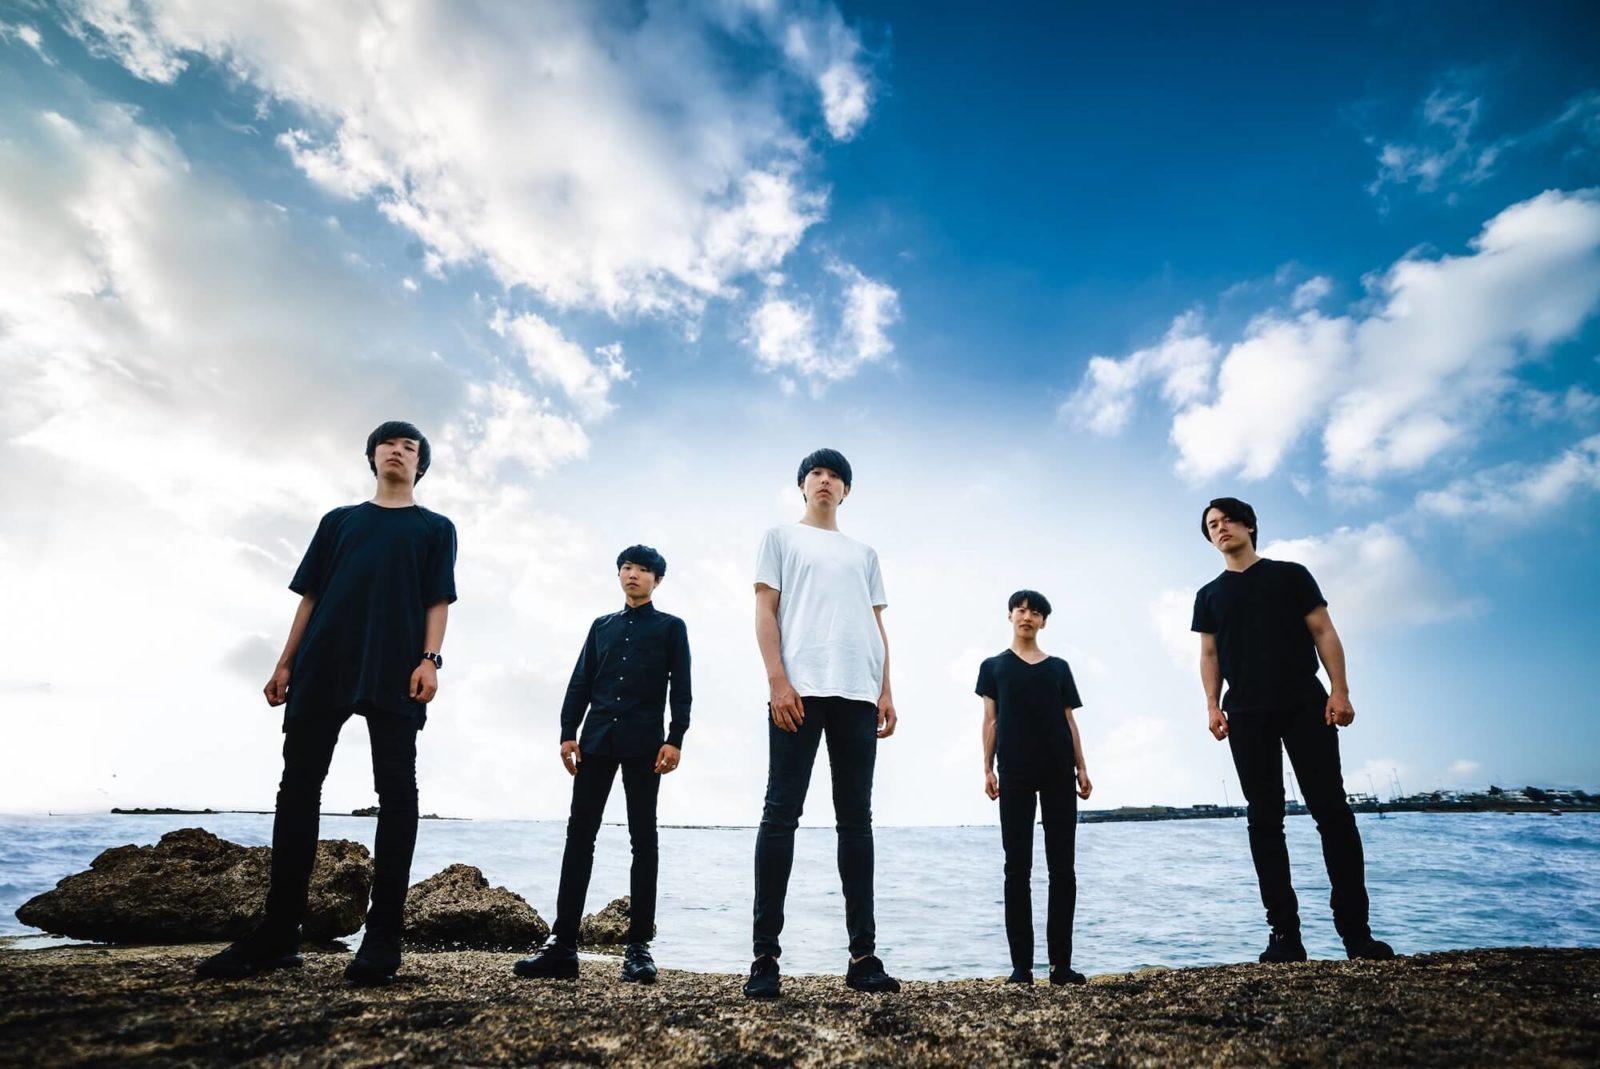 東京のメタルコア注目株、Graupelが初全国流通作となる1stアルバムをリリースサムネイル画像